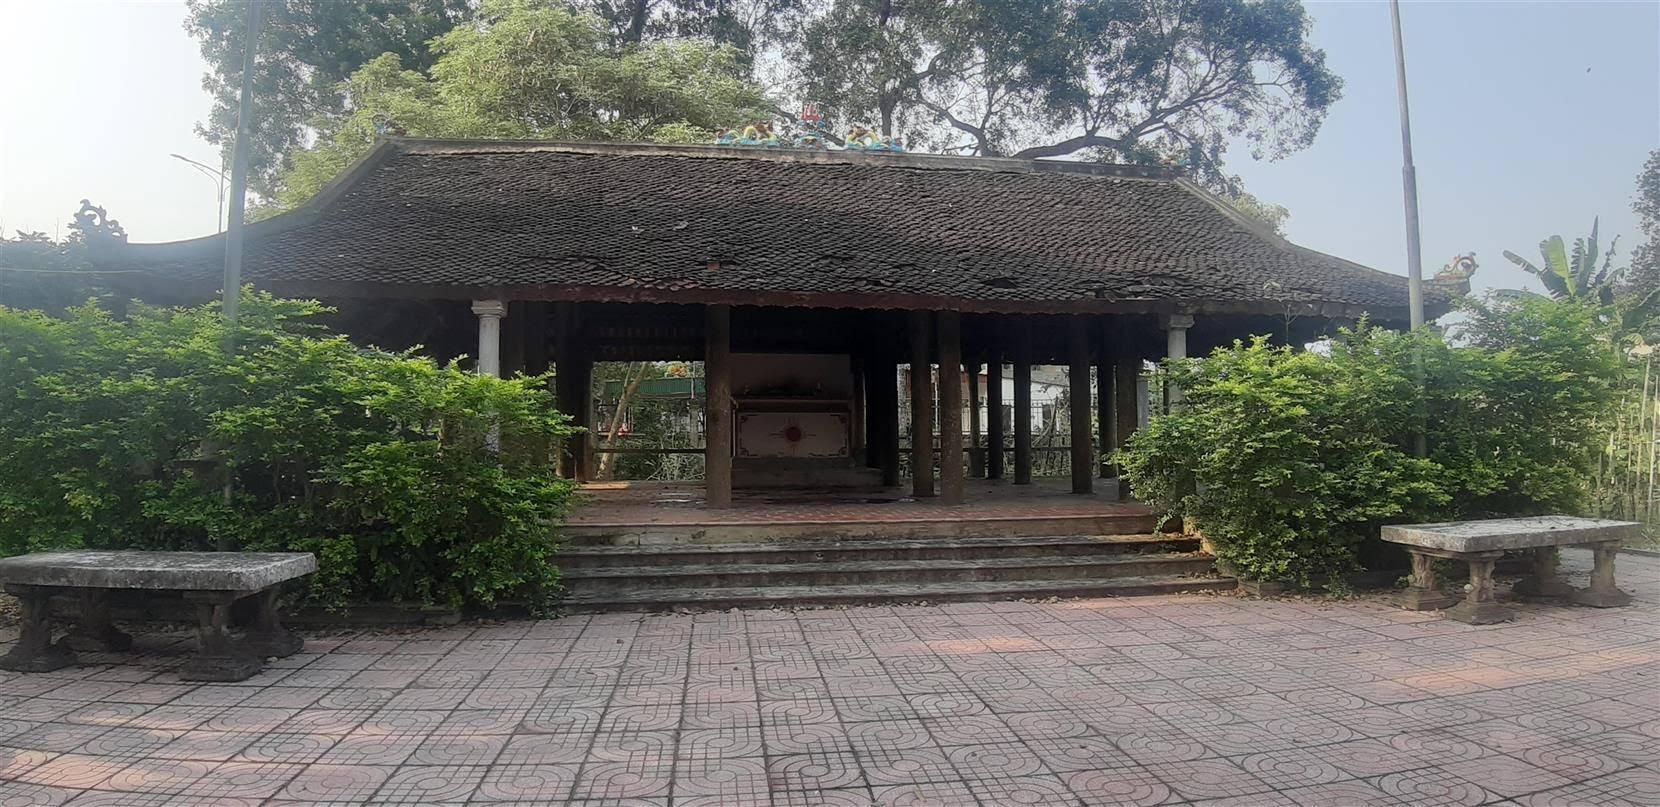 Đình Trung - di tích lịch sử quốc gia đã bị xuống cấp